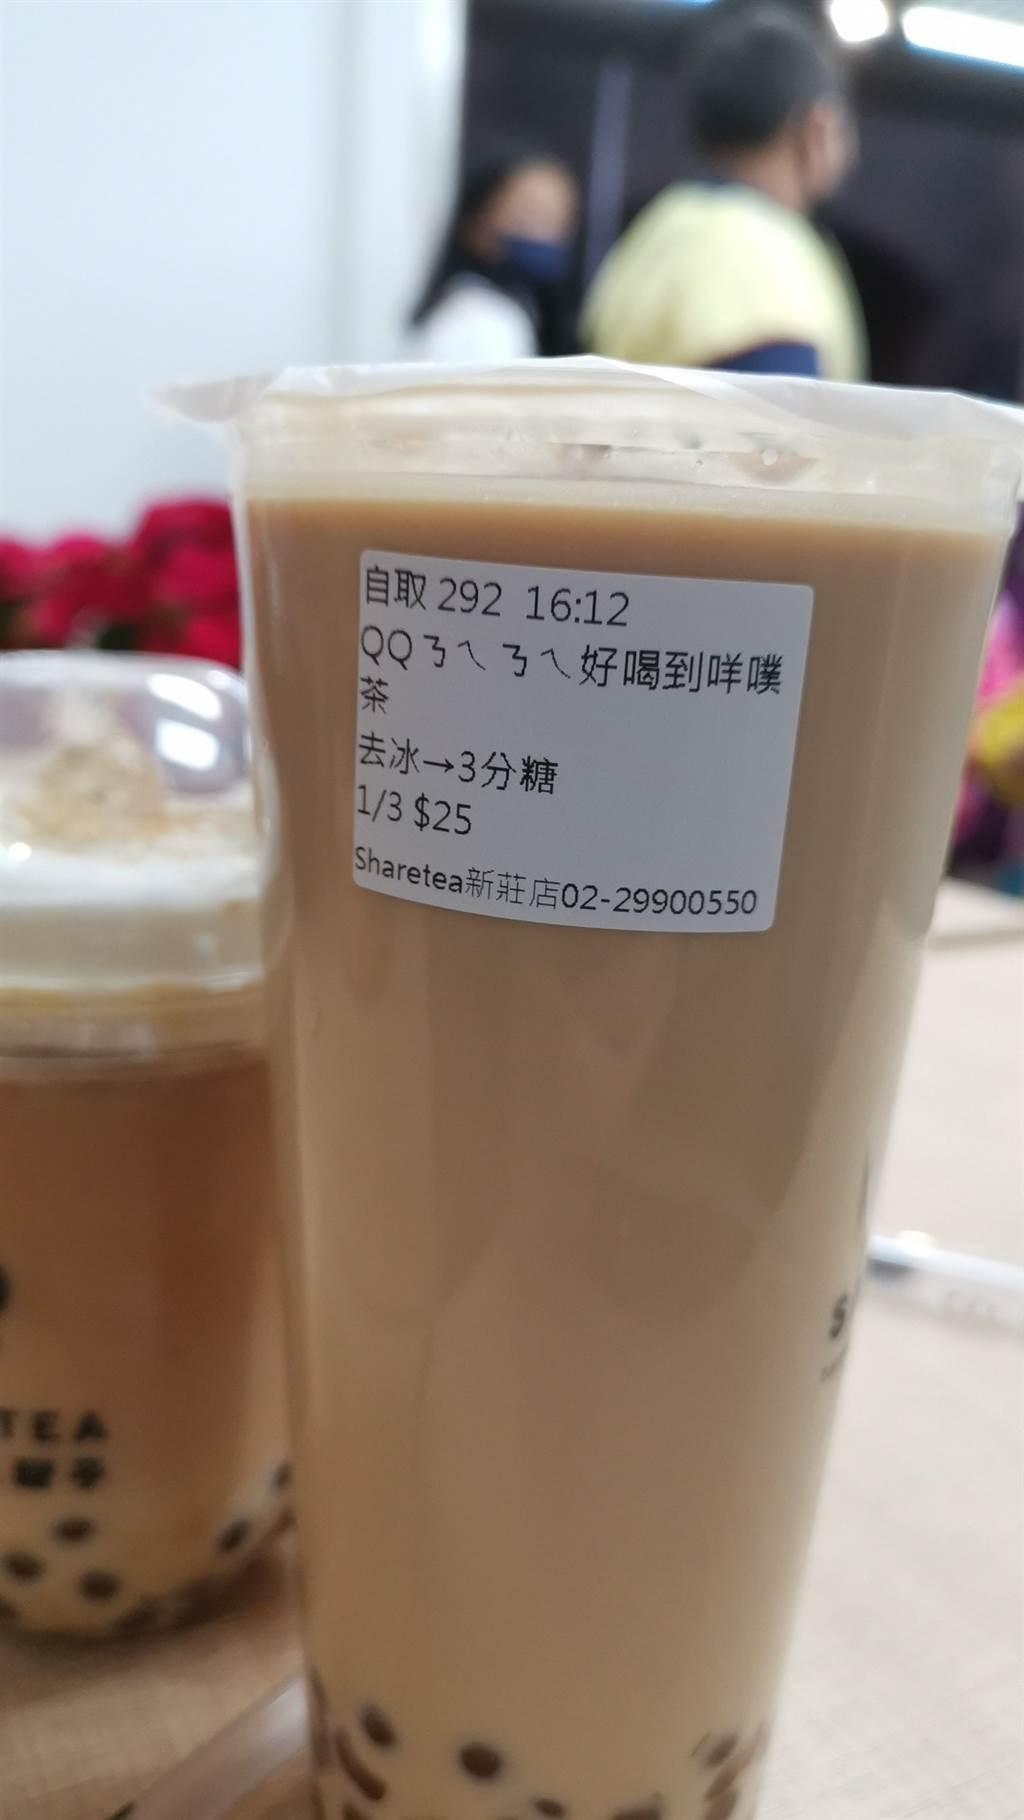 另外,臉書《爆廢公社》有網友曬出購買「QQㄋㄟㄋㄟ好喝到咩噗茶」照片,吸引許多網友討論。(圖/翻攝自爆廢公社)